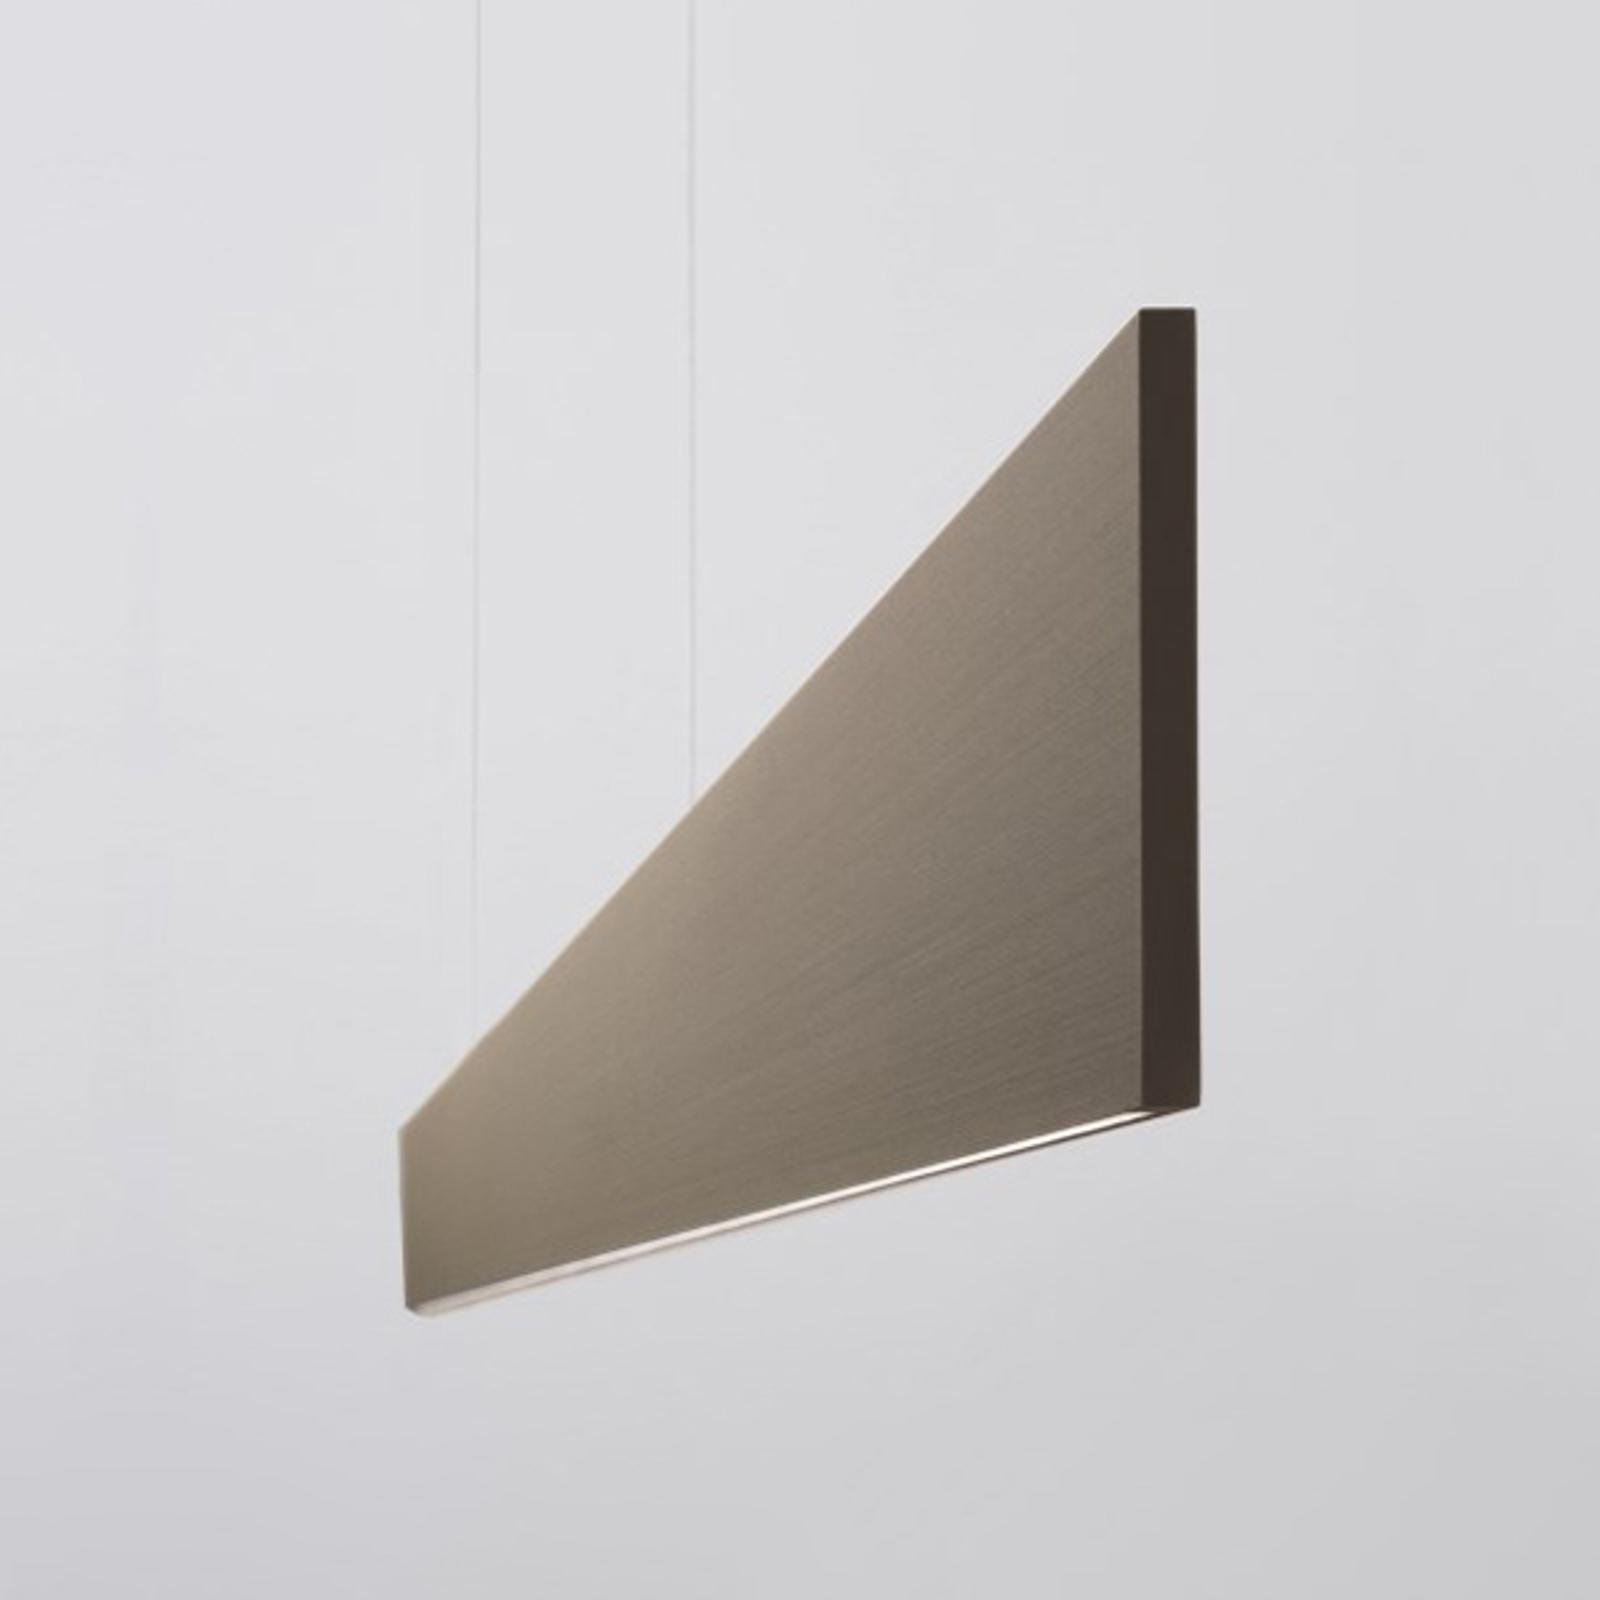 LED hanglamp After 8 122cm 1-10V 4000K brons